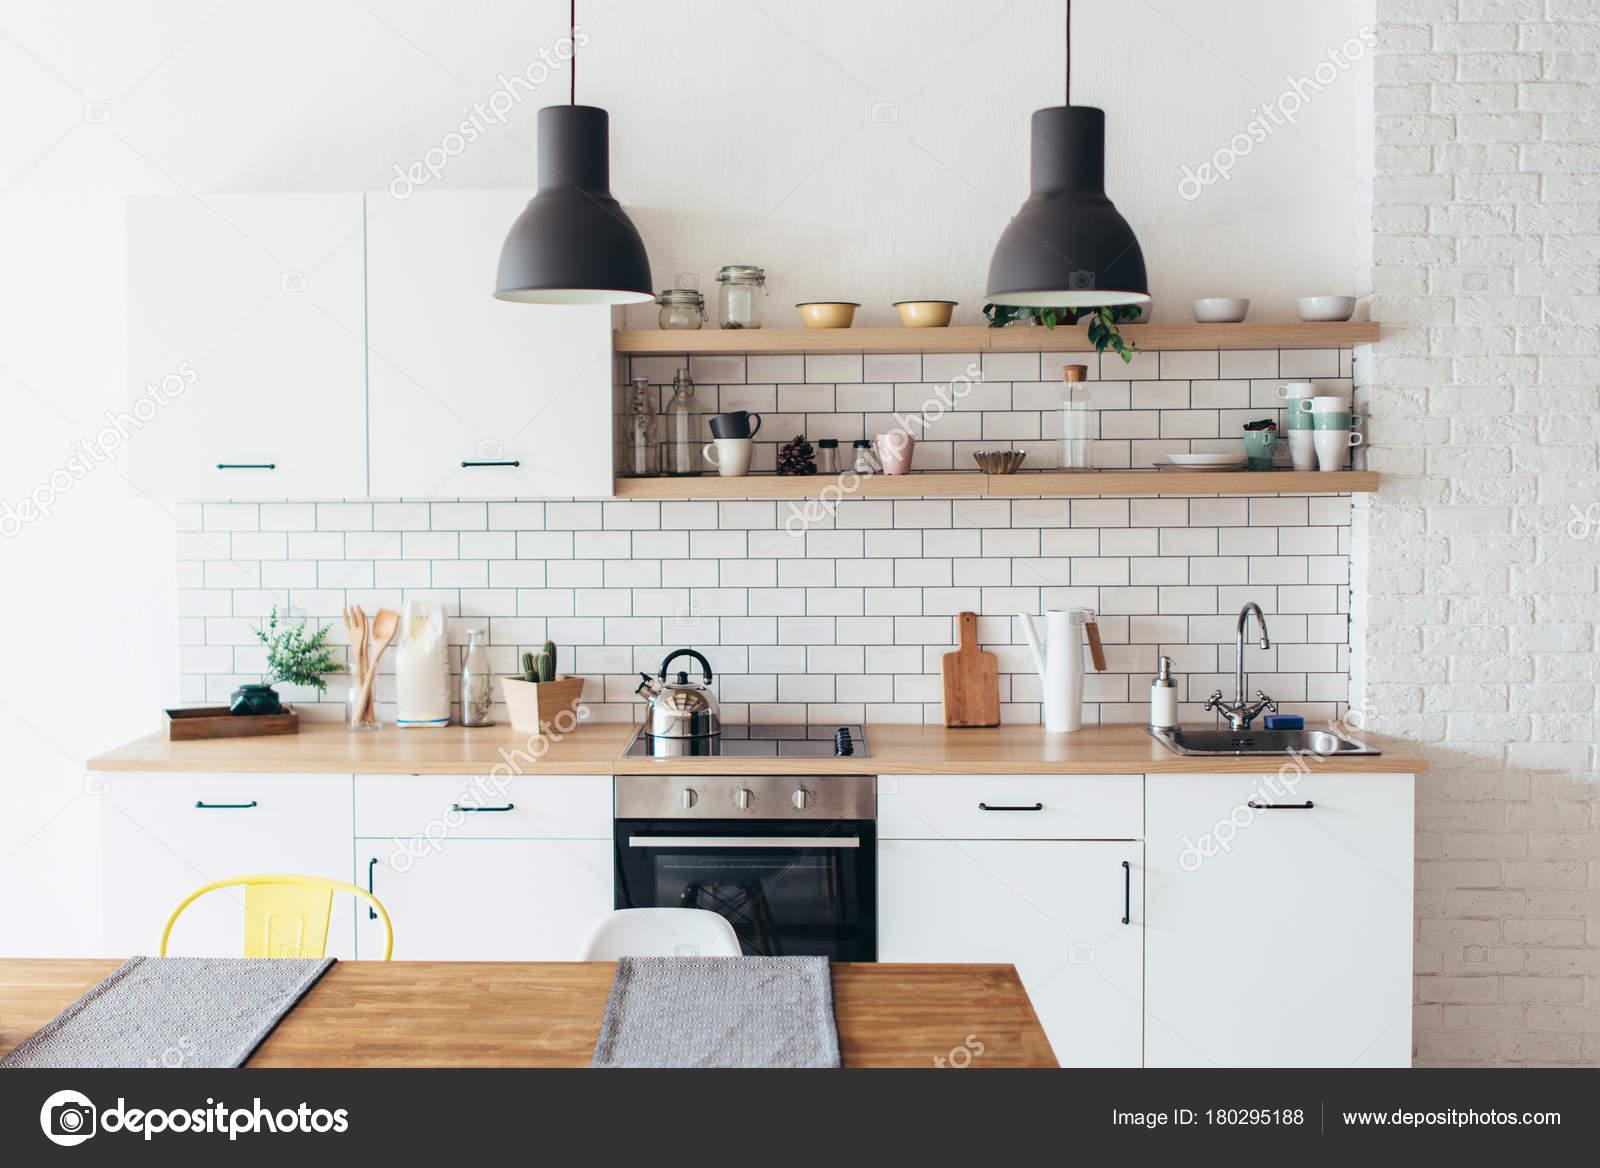 Tavoli Da Pranzo Bianchi.Nuovi Interni Luce Moderno Della Cucina Con Mobili Bianchi E Tavolo